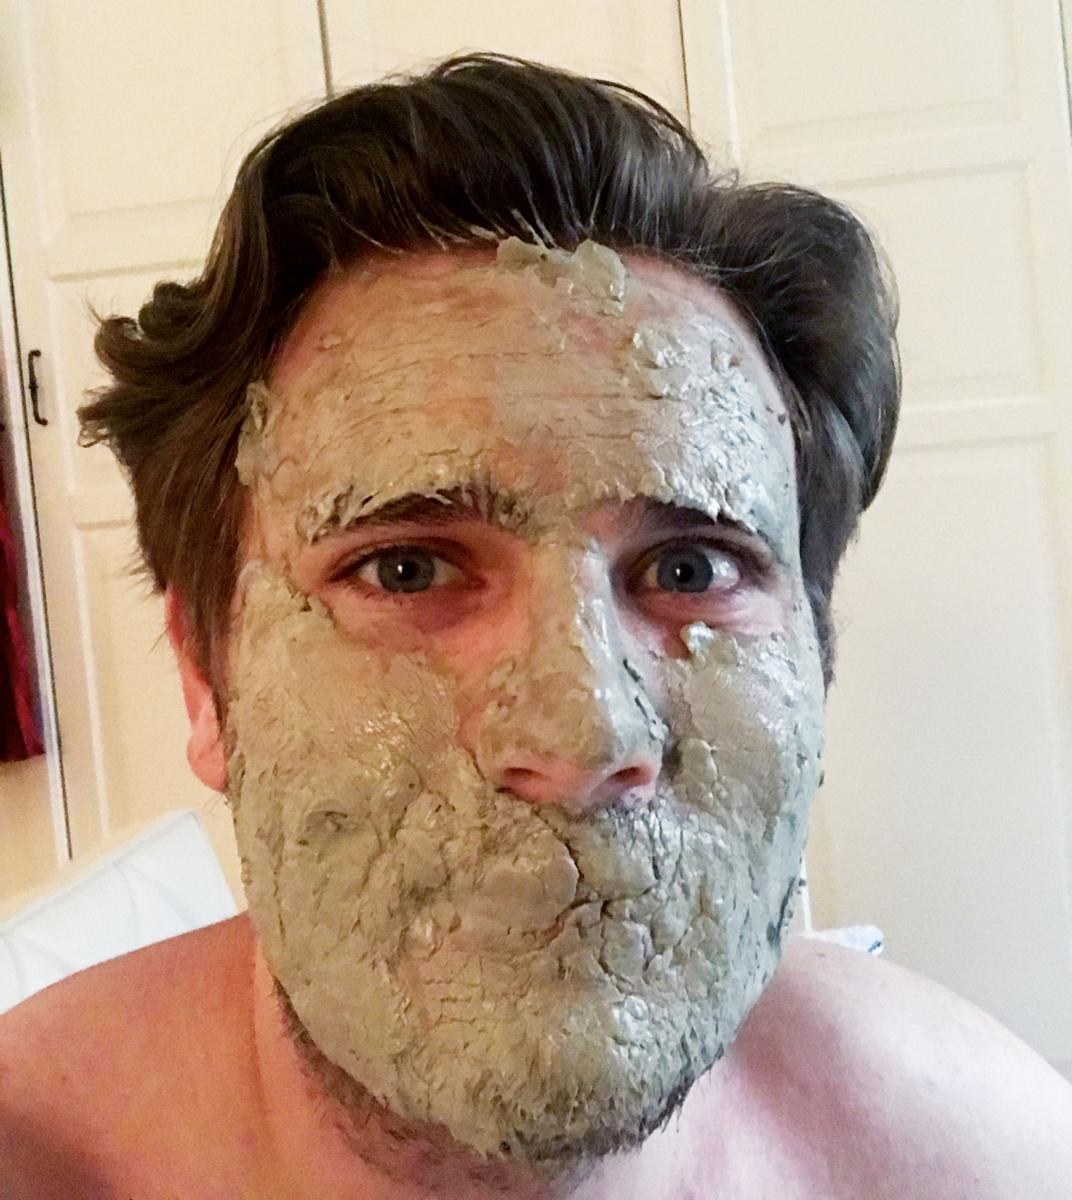 Face-Mask-Black-Head-Pore-Sheet-Clay-Bubble-Exfoliating-Facial-Man-Repeller-2